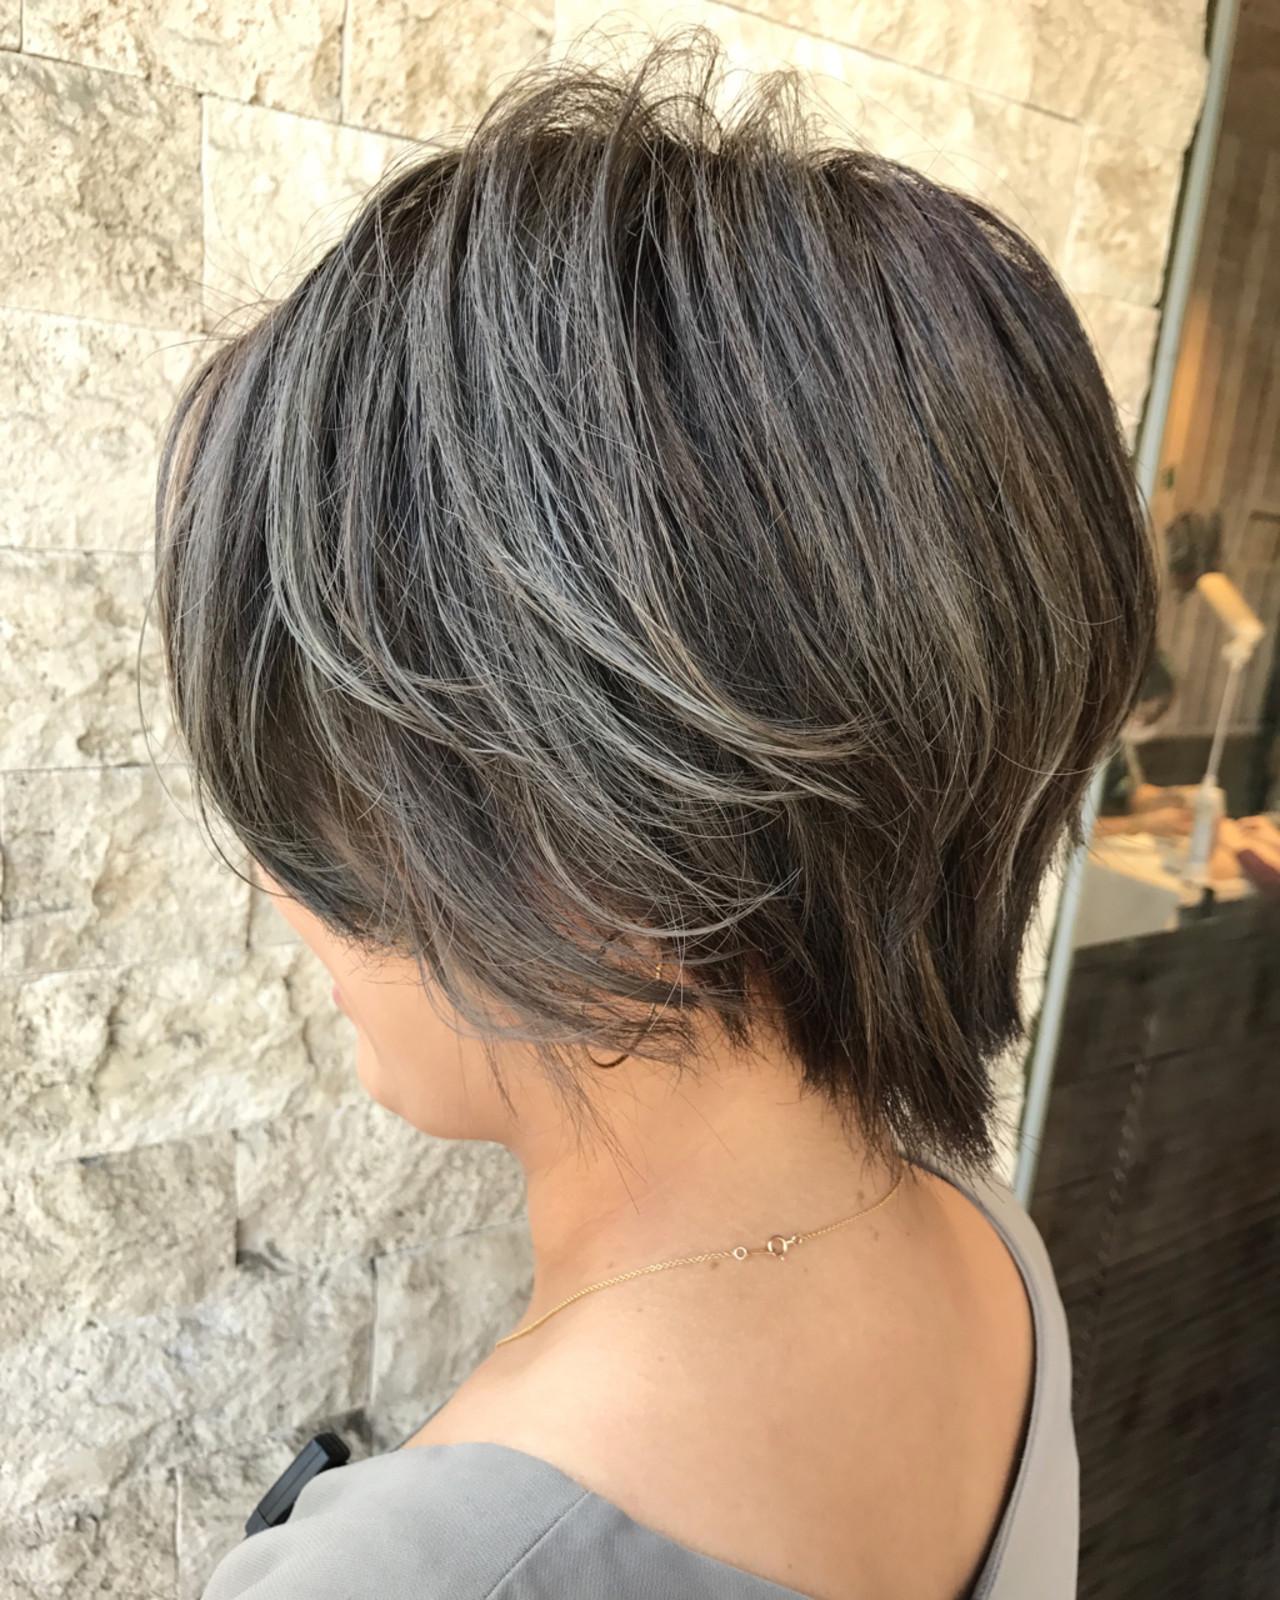 アッシュグレージュ シルバーアッシュ アッシュ ボブヘアスタイルや髪型の写真・画像